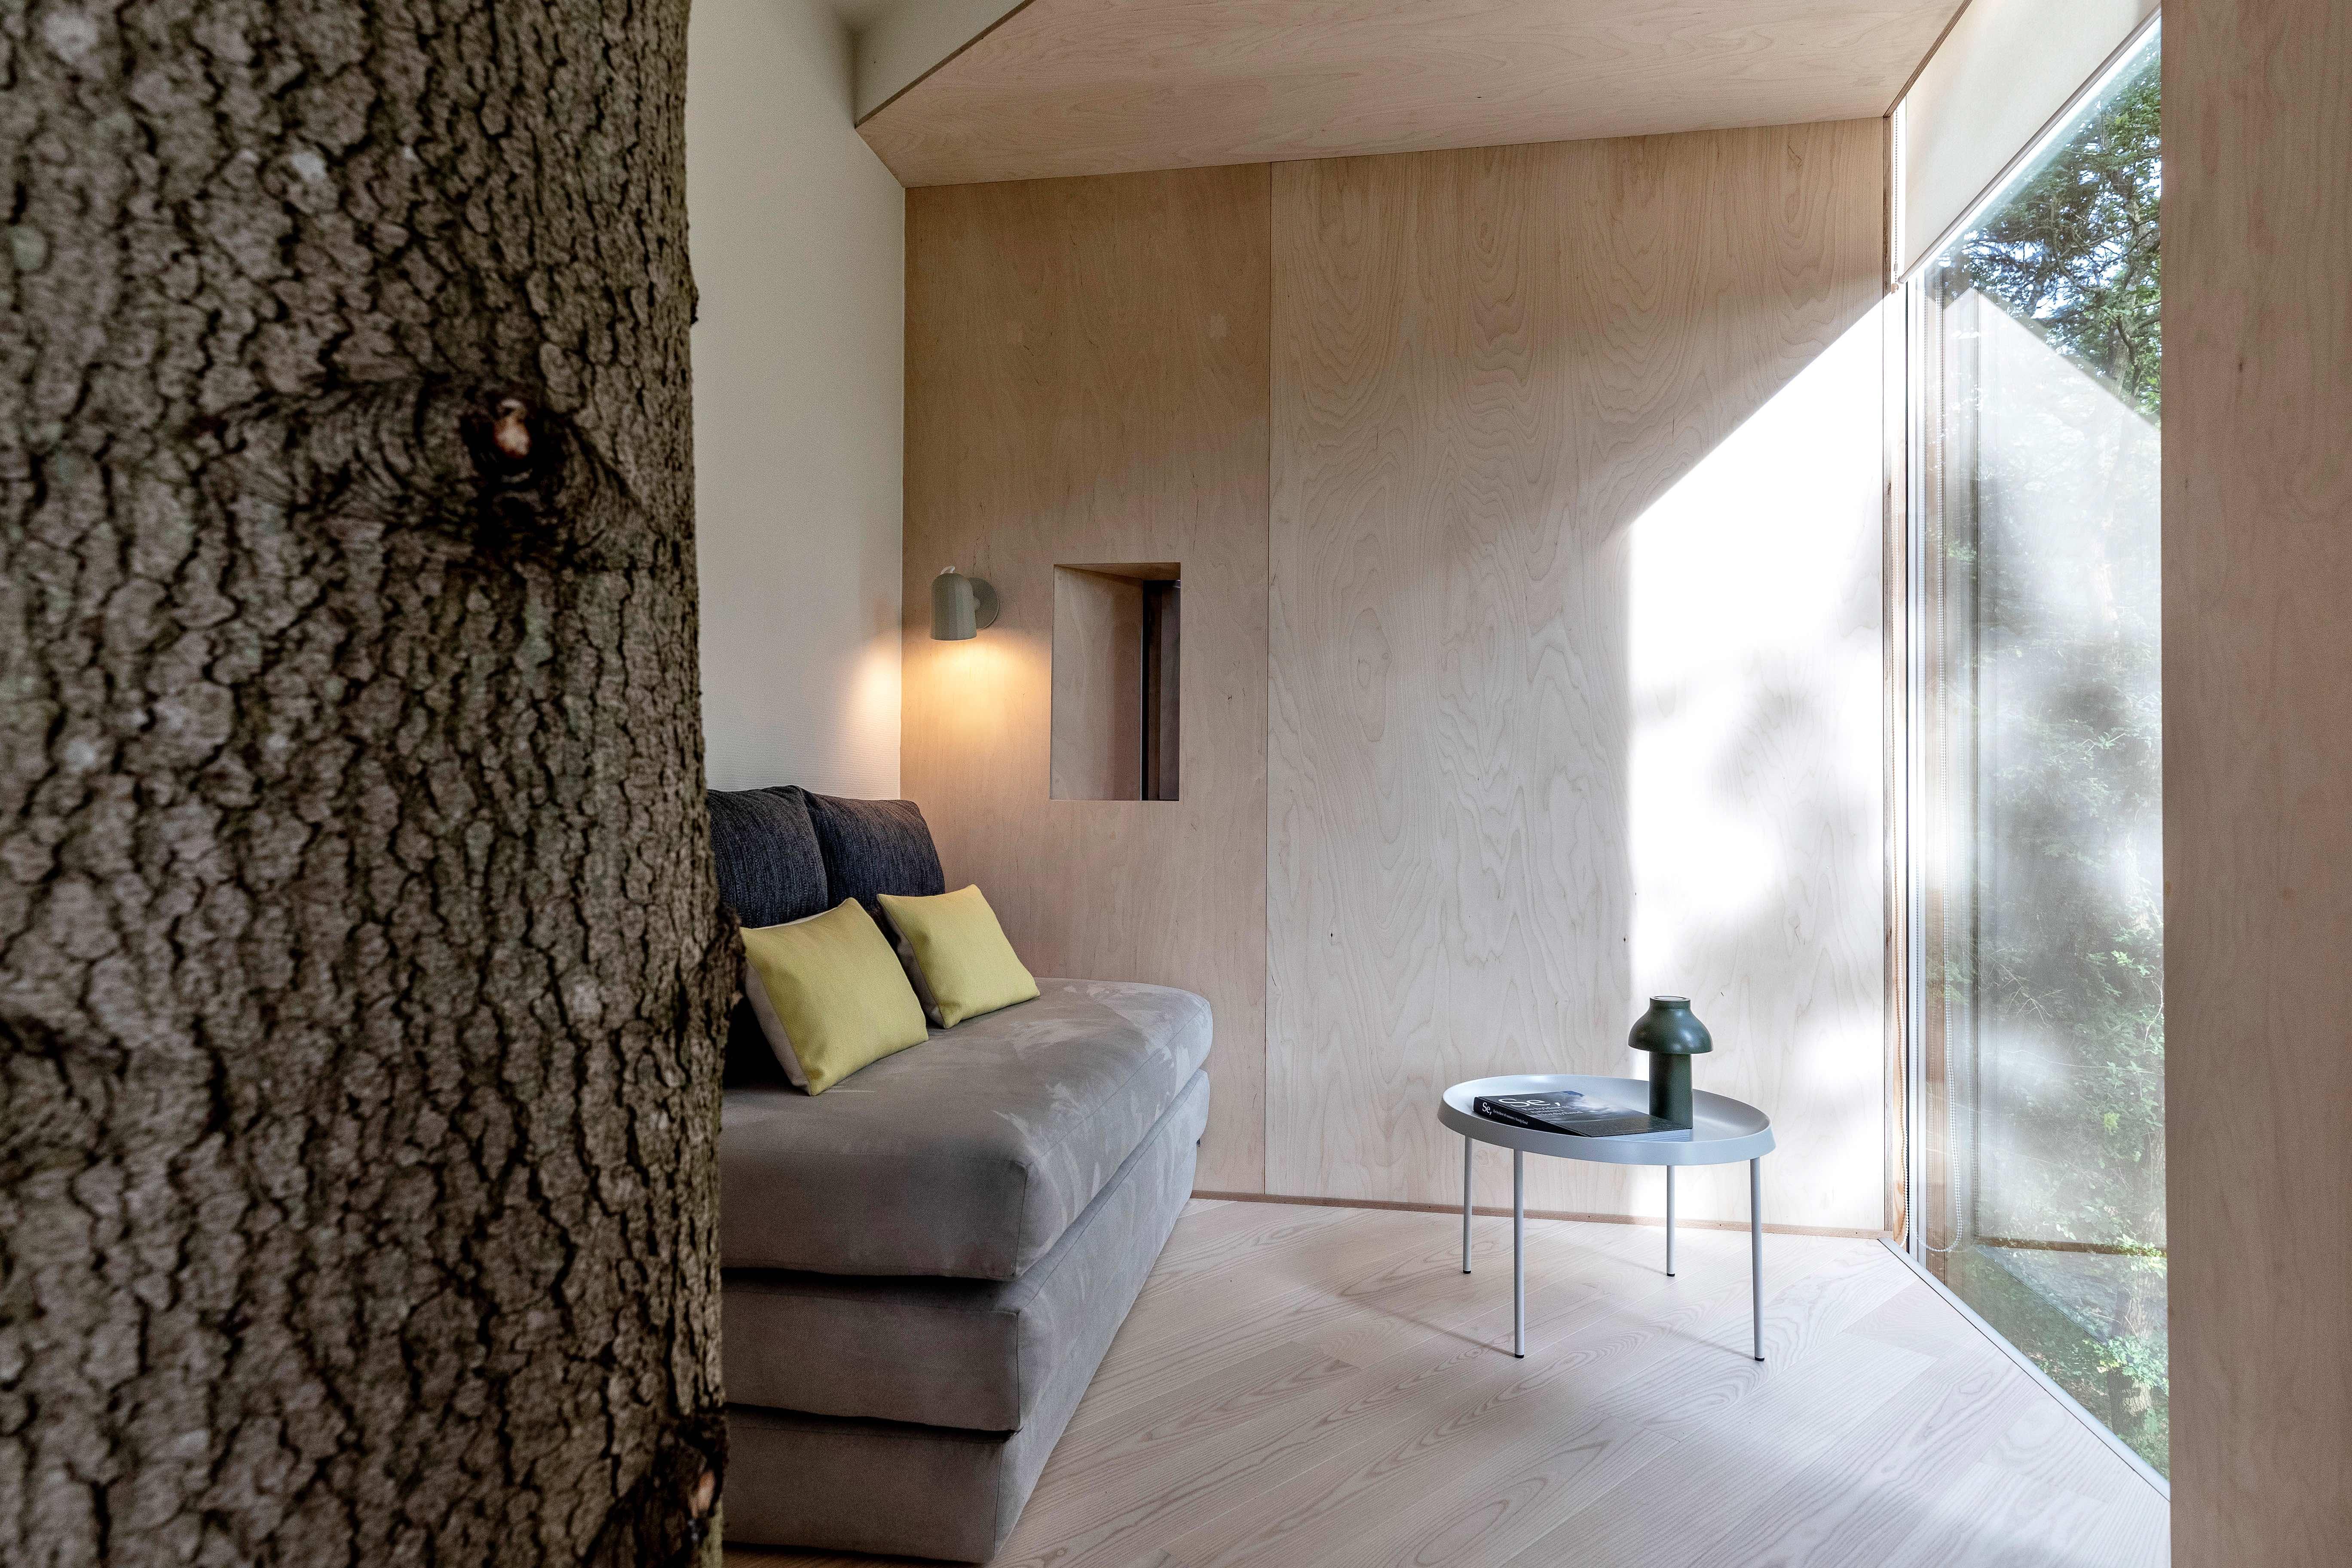 Lovtag Treetop Hotel